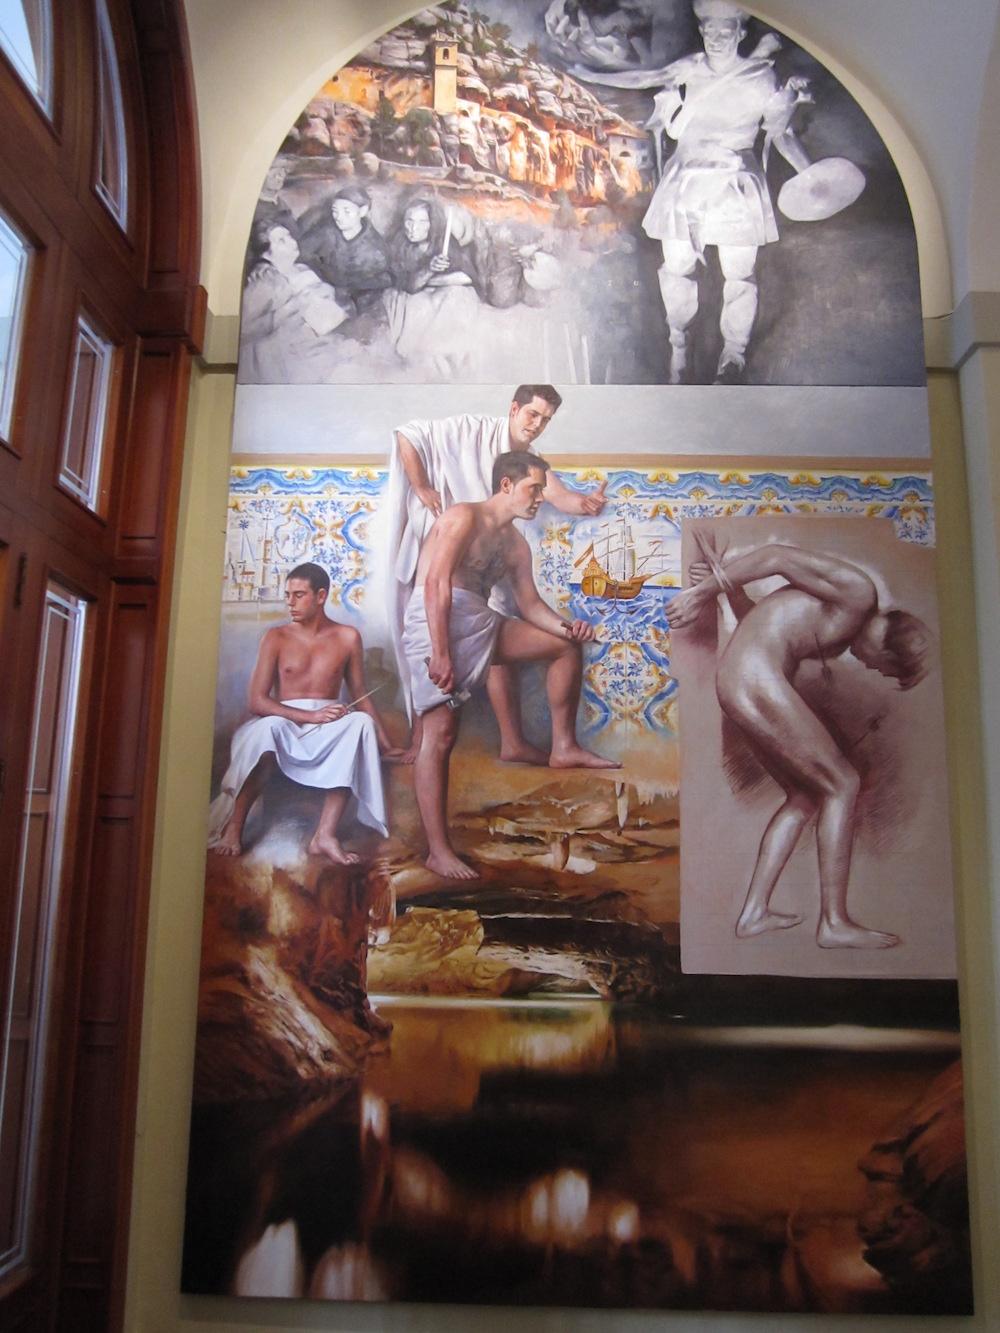 Este mural presenta una novelesca combinación de fetichismos y fábulas oníricas en referencia al Santuario de la Balma, las grutas de las Cuevas de San José de Vall d´Uixó y a la ermita de San Sebastián de Vinaròs.